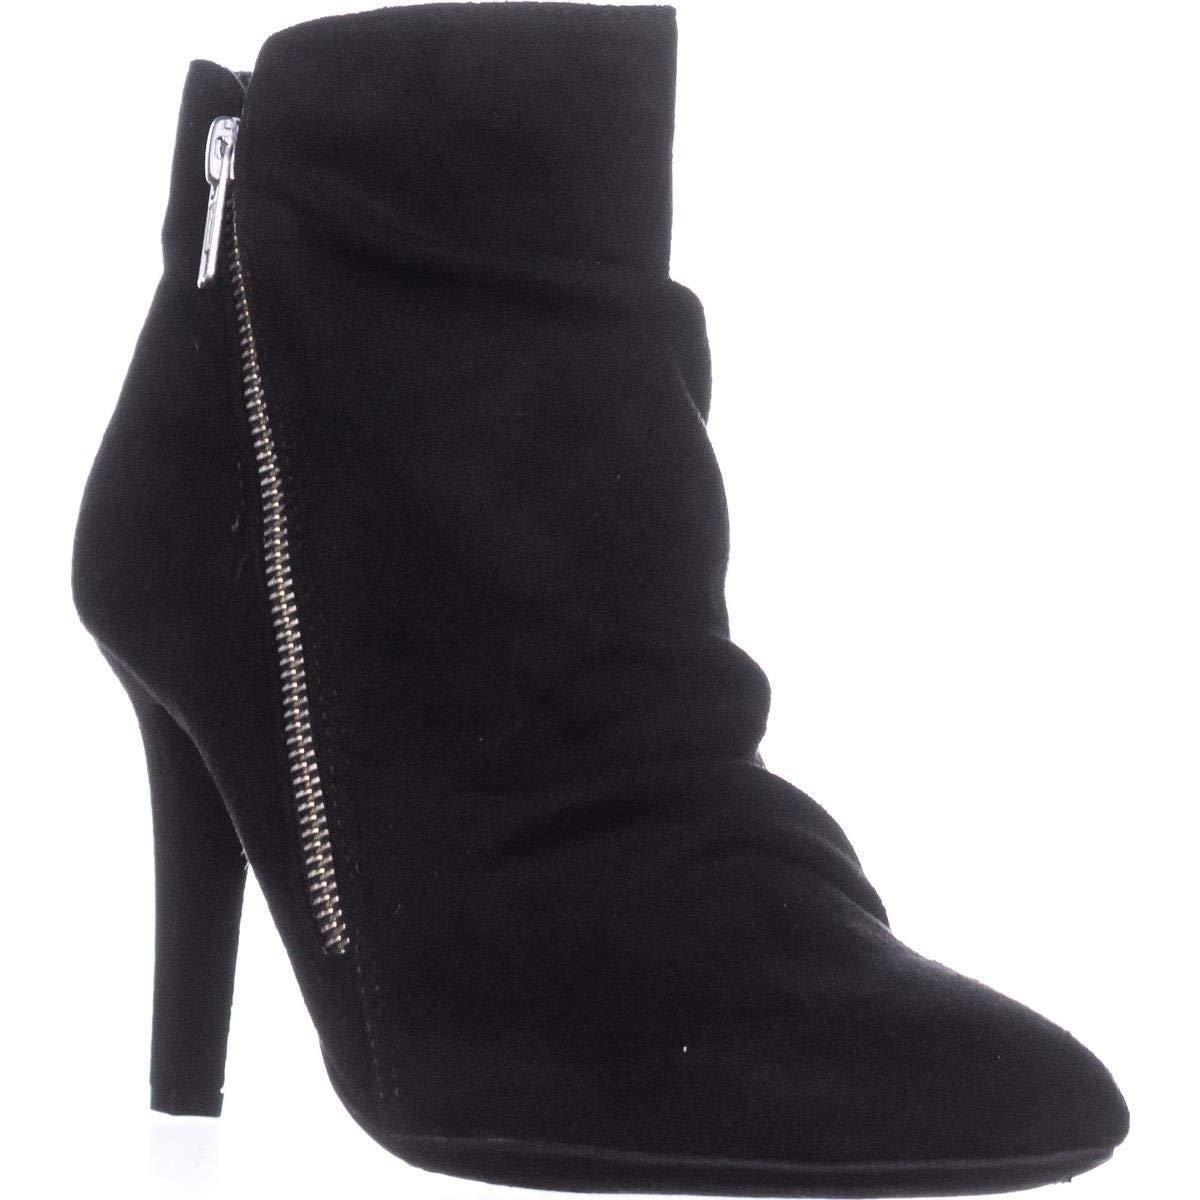 Rialto damen Colissa Pointed Toe Ankle Fashion Stiefel